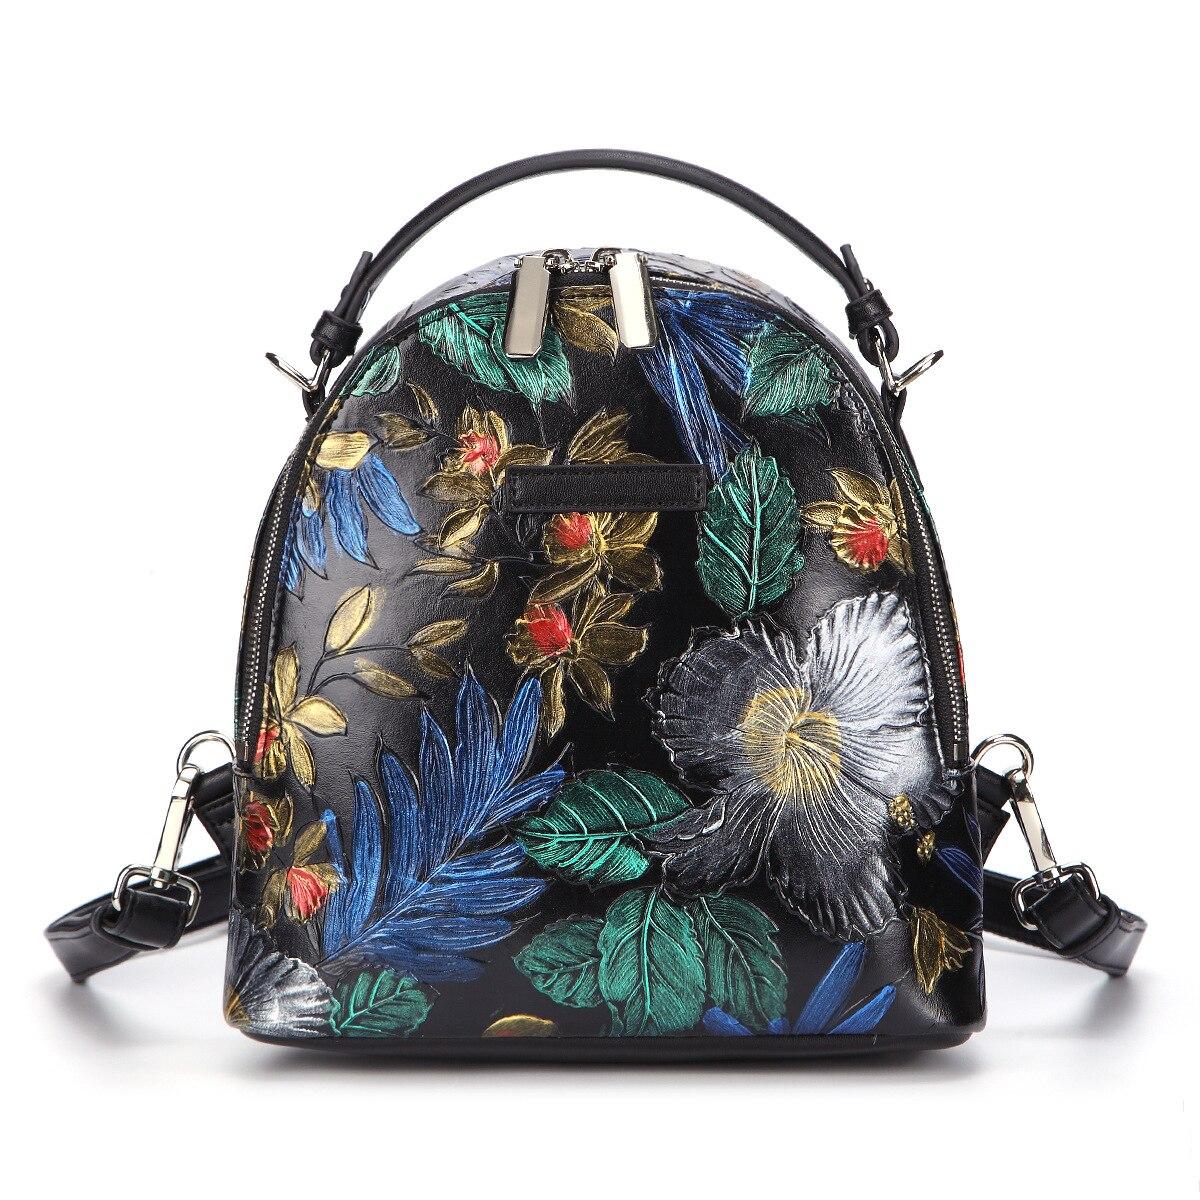 Las mujeres en relieve la escuela mochila bandolera de hombro bolsas de mujer de cuero genuino de alta calidad mochila bolsa de viaje-in Mochilas from Maletas y bolsas    1